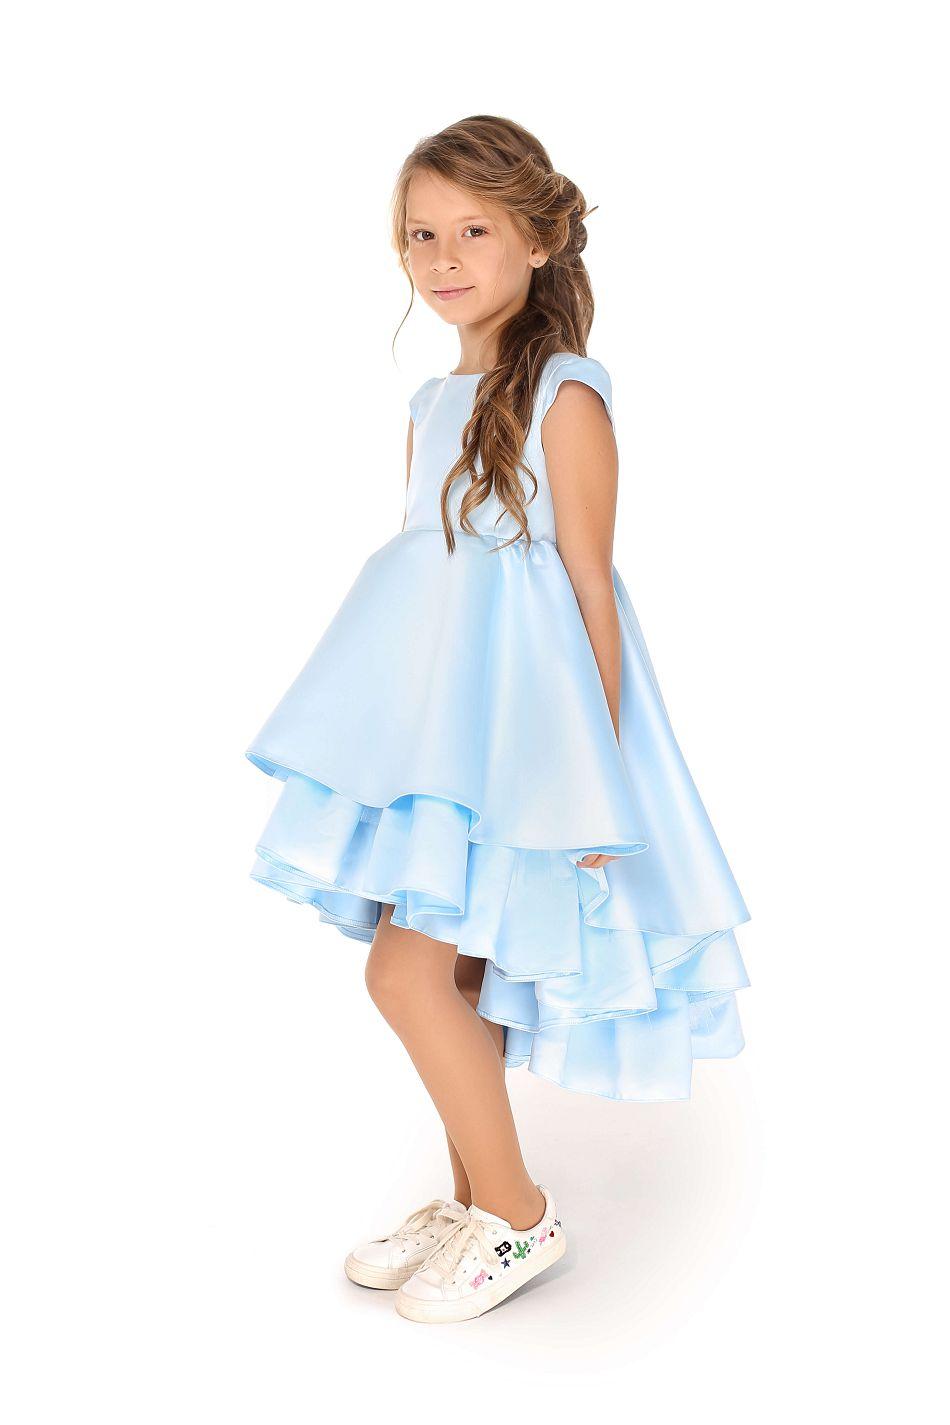 Нарядное платье девочке на выпускной в садик